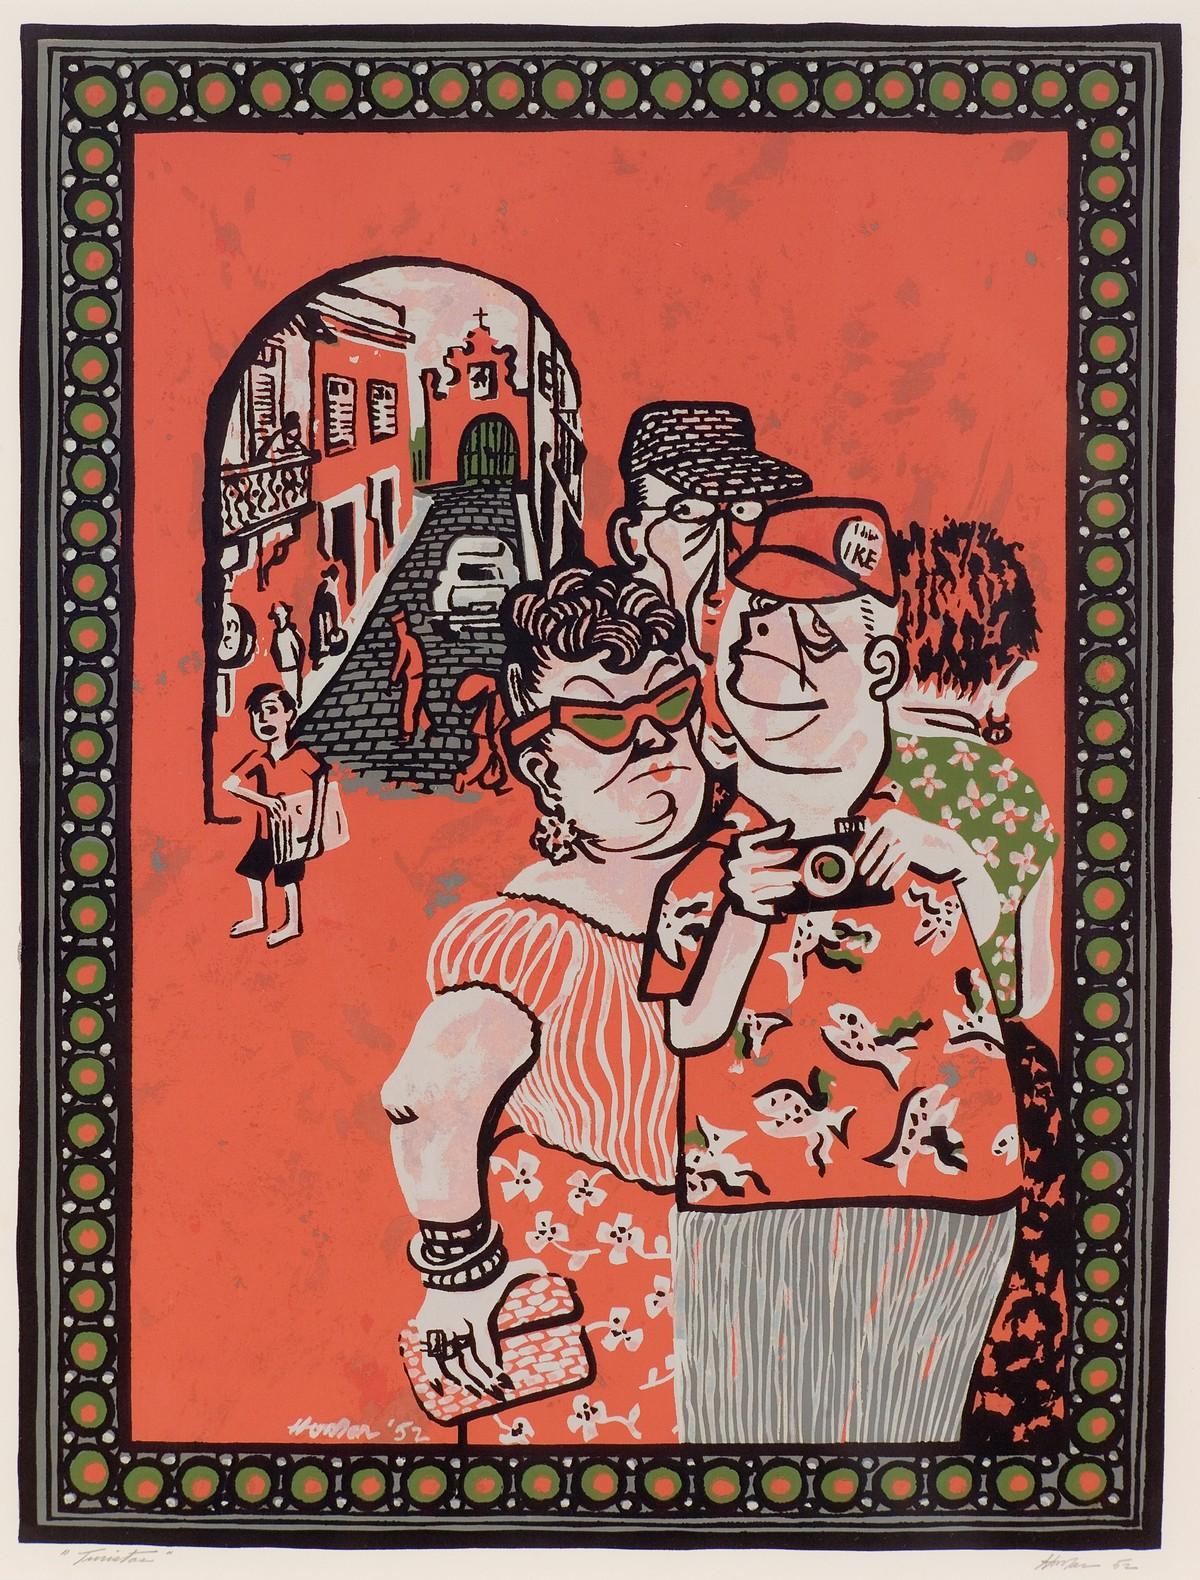 Tourists (Vignettes of San Juan portfolio, Center for Puerto Rican Art)